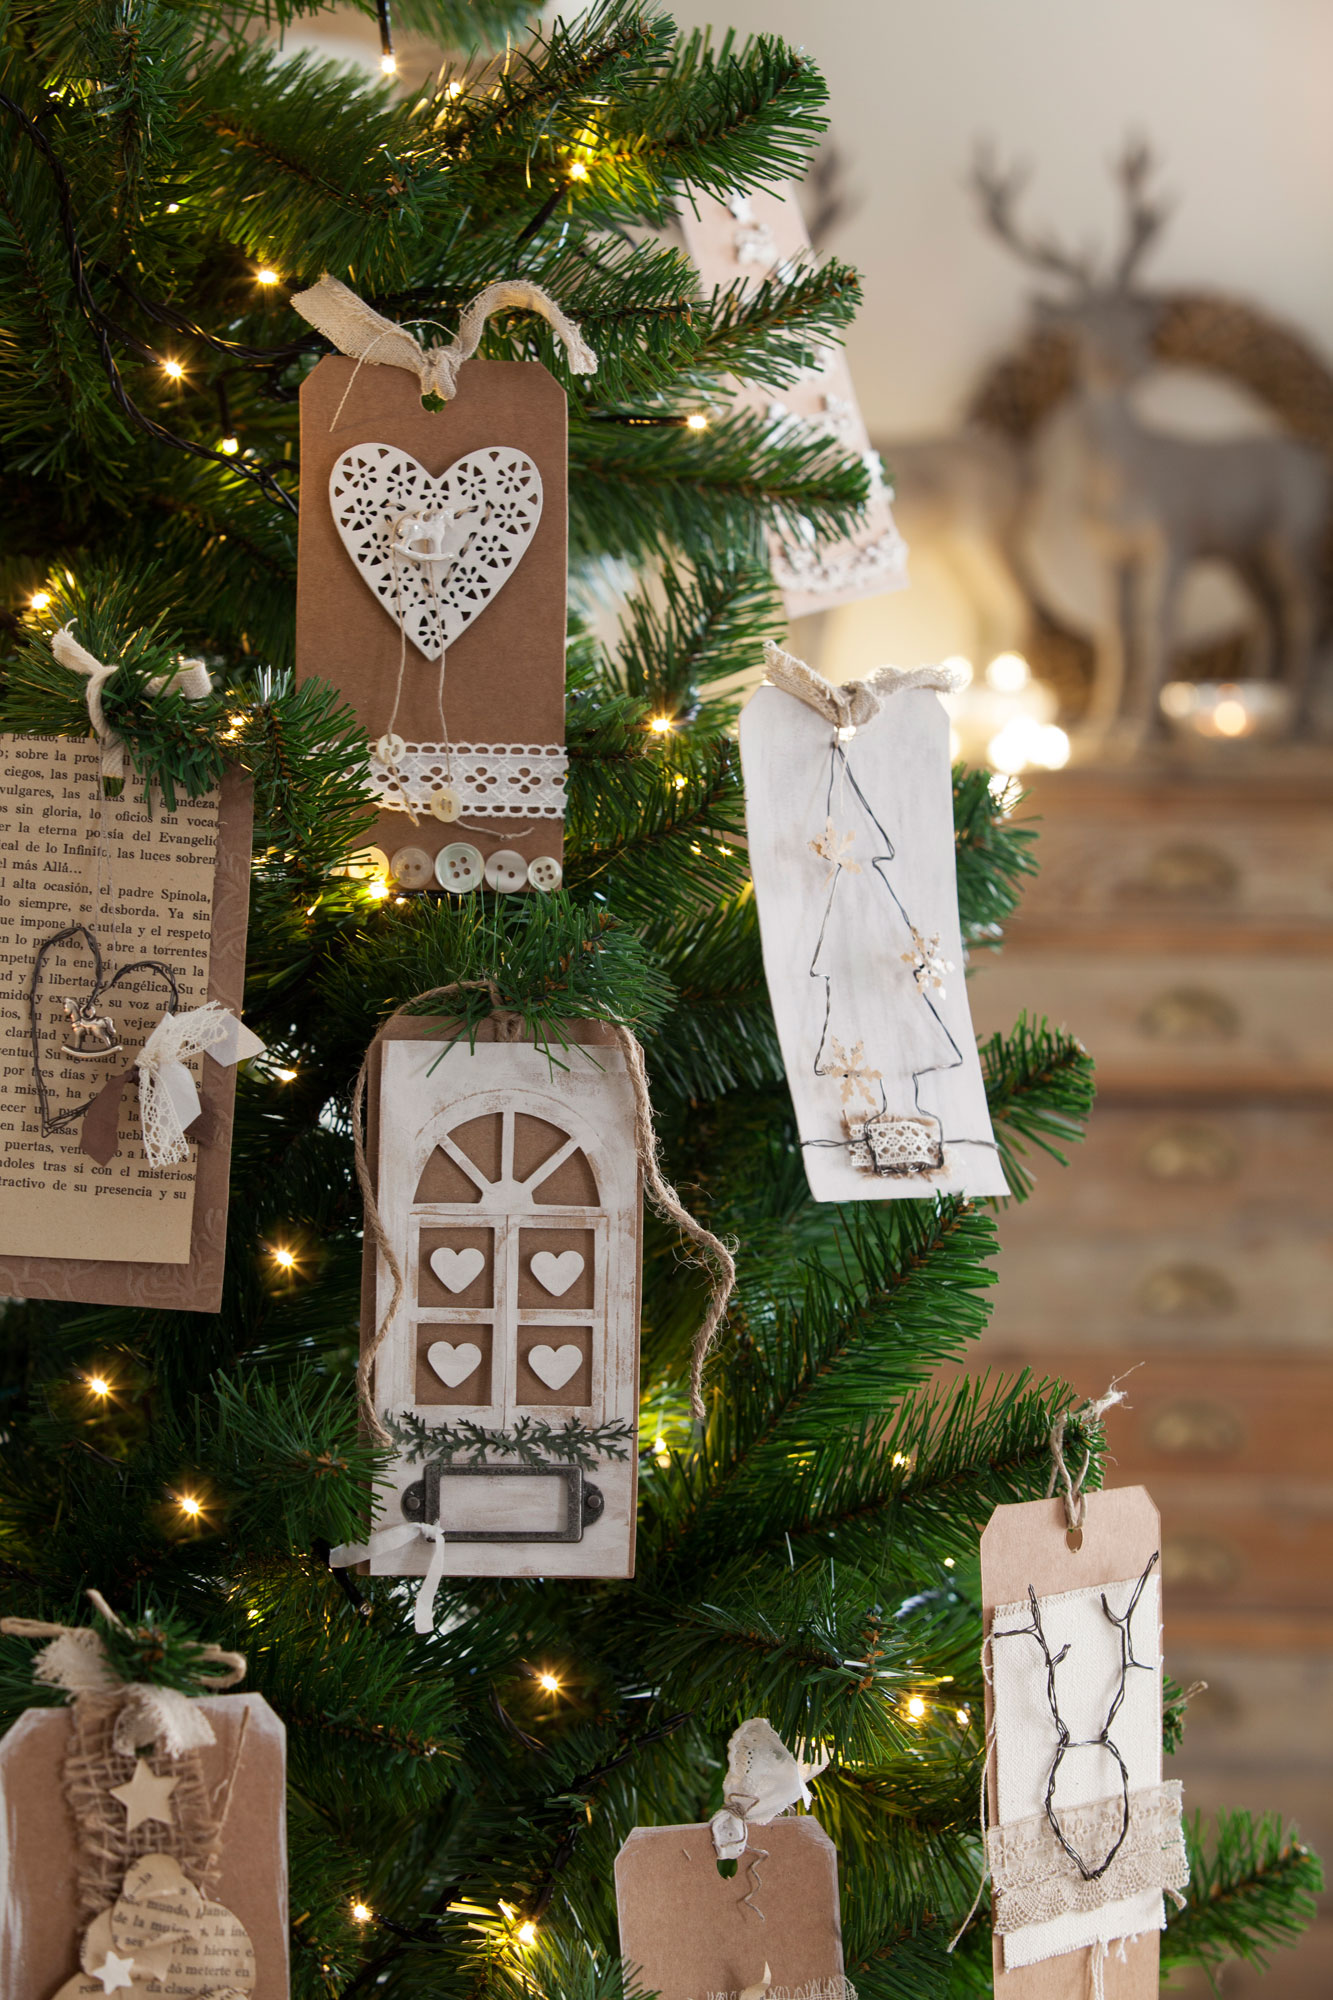 00394992 Ob. Detalle de árbol de Navidad adornado con etiquetas